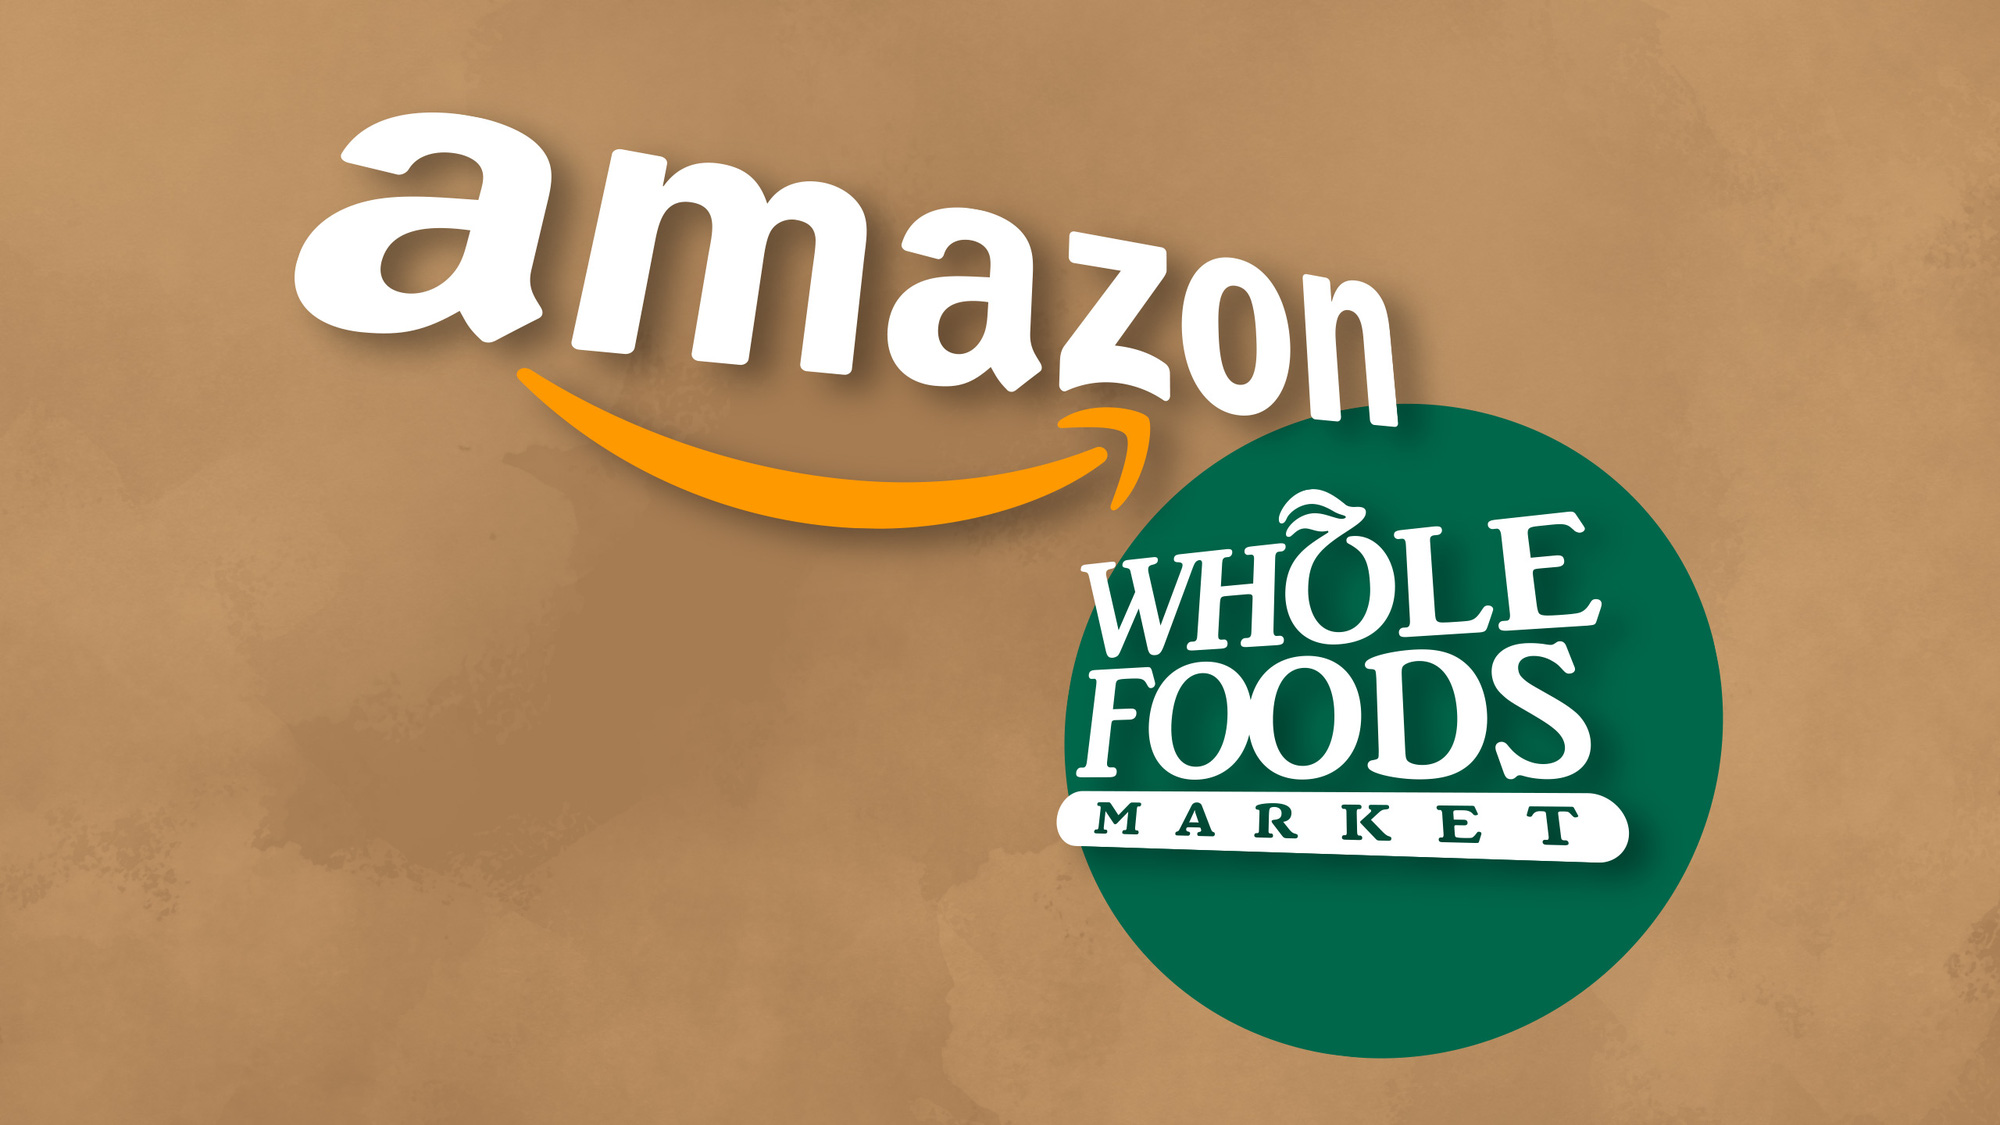 Amazon khẳng định mục tiêu đầu tiên của ứng dụng Just Walk Out là đem lại sự thuận tiện cho người mua sắm chứ không phải cắt giảm lao động hay chi phí. Ảnh: @AFP.